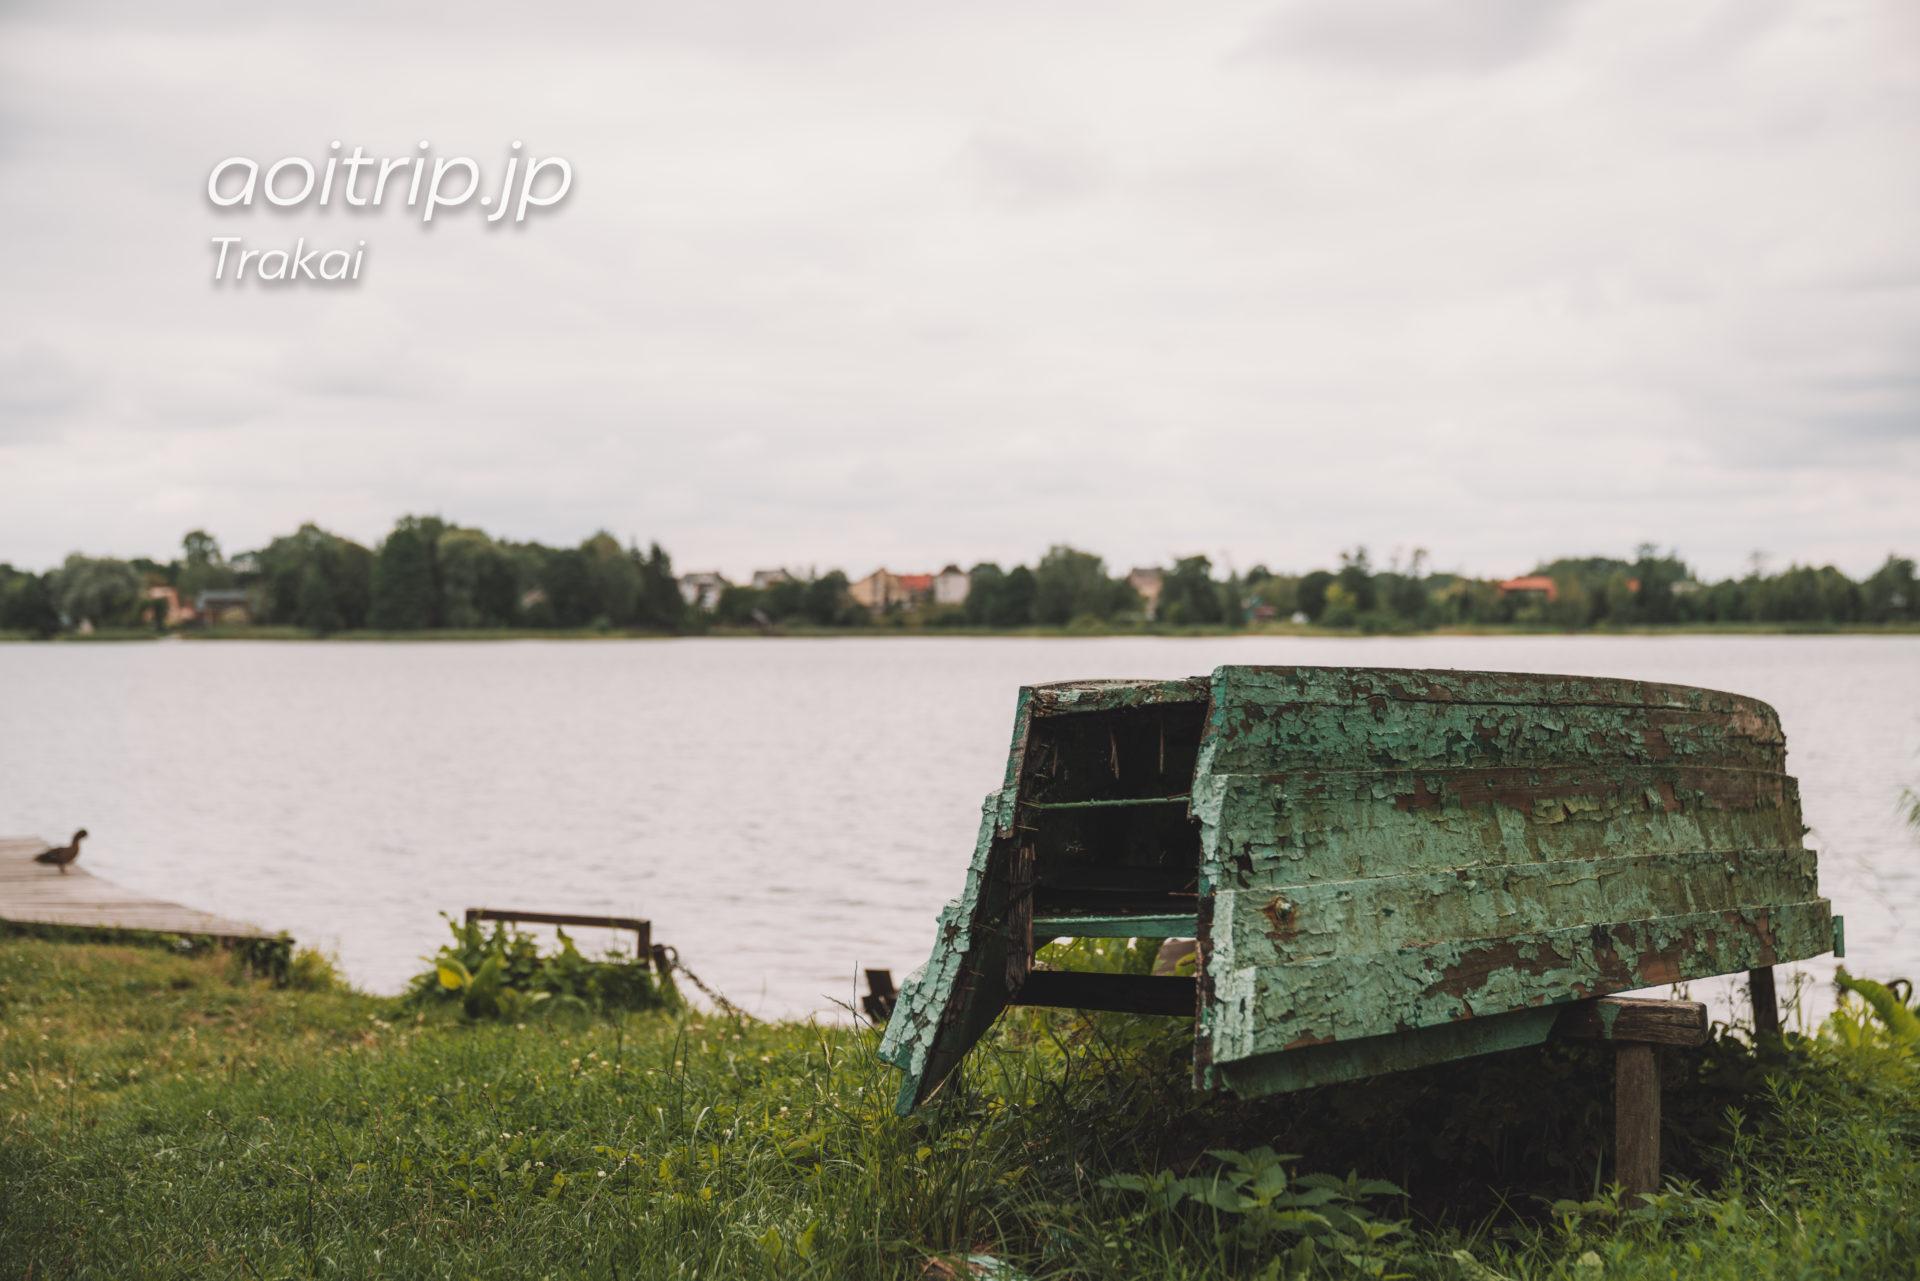 リトアニアのトゥラカイ